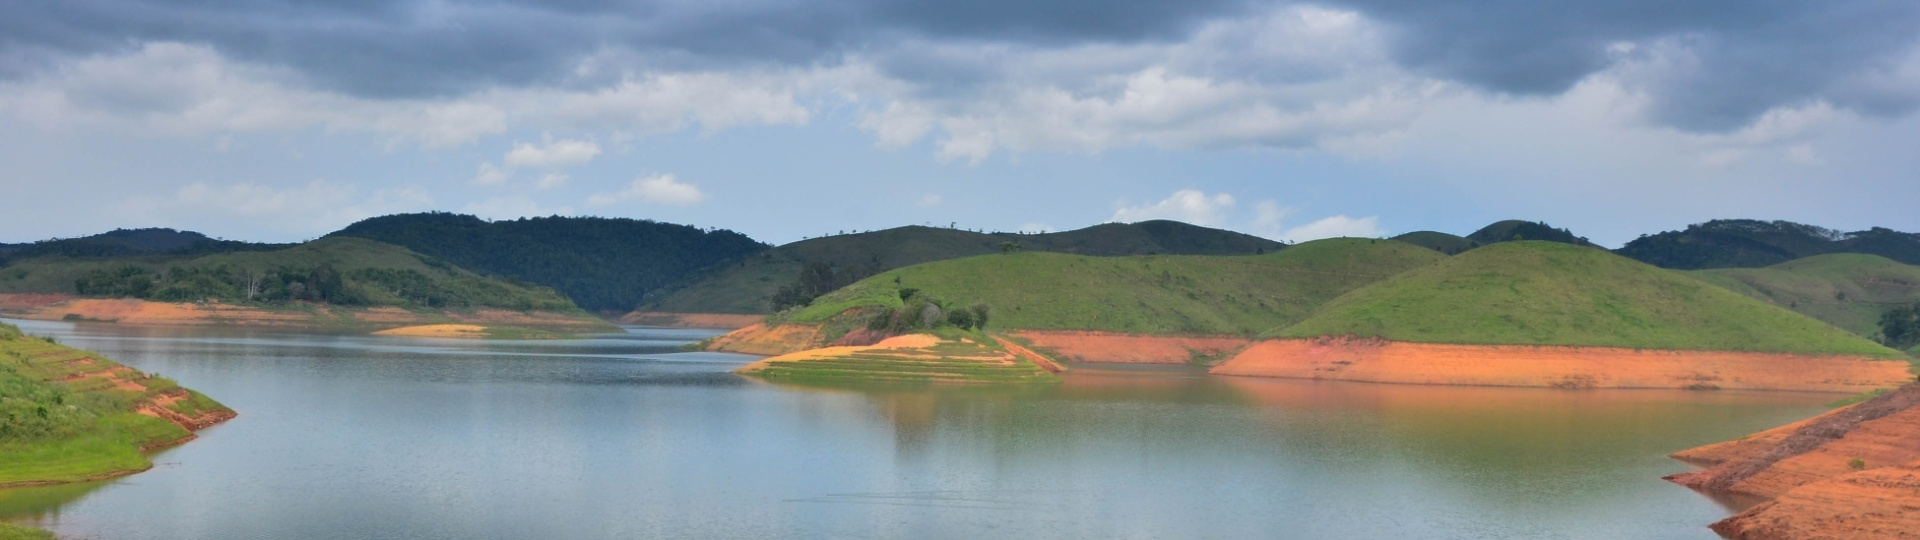 10.dez.2015 - O nível do sistema Cantareira, do qual a represa Jaguari (foto) faz parte, tem subido com o aumento da chuva na Grande São Paulo. Nesta quinta-feira, a capacidade do sistema chegou a 22,9%, segundo a Sabesp. Porém, a situação ainda está longe da normalidade